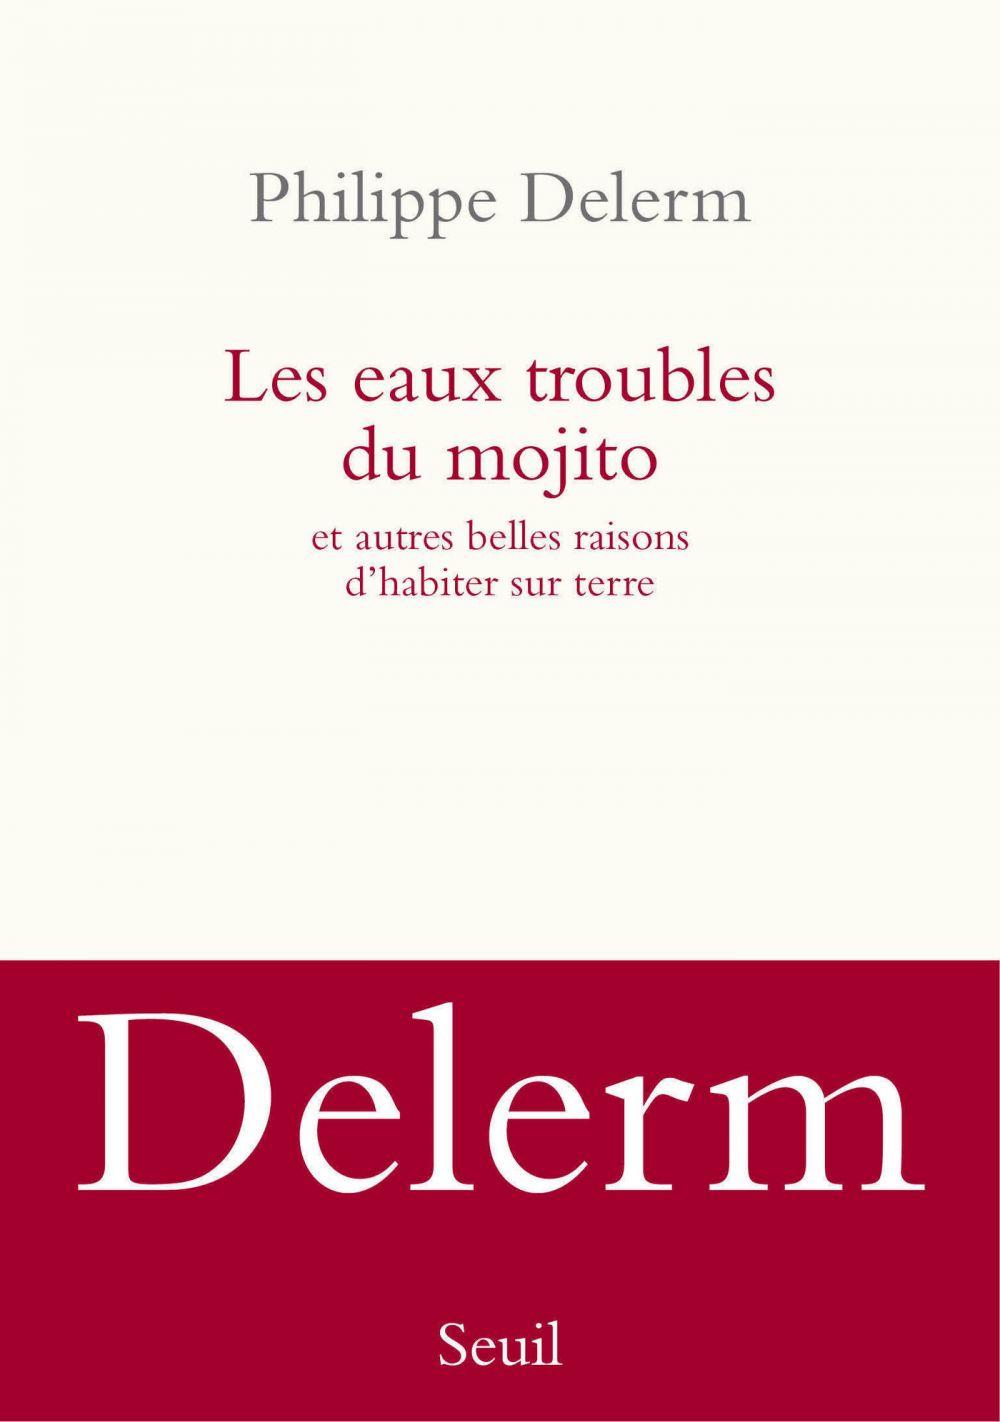 Les Eaux troubles du mojito. Et autres belles raisons d'habiter sur terre | Delerm, Philippe (1950-....). Auteur